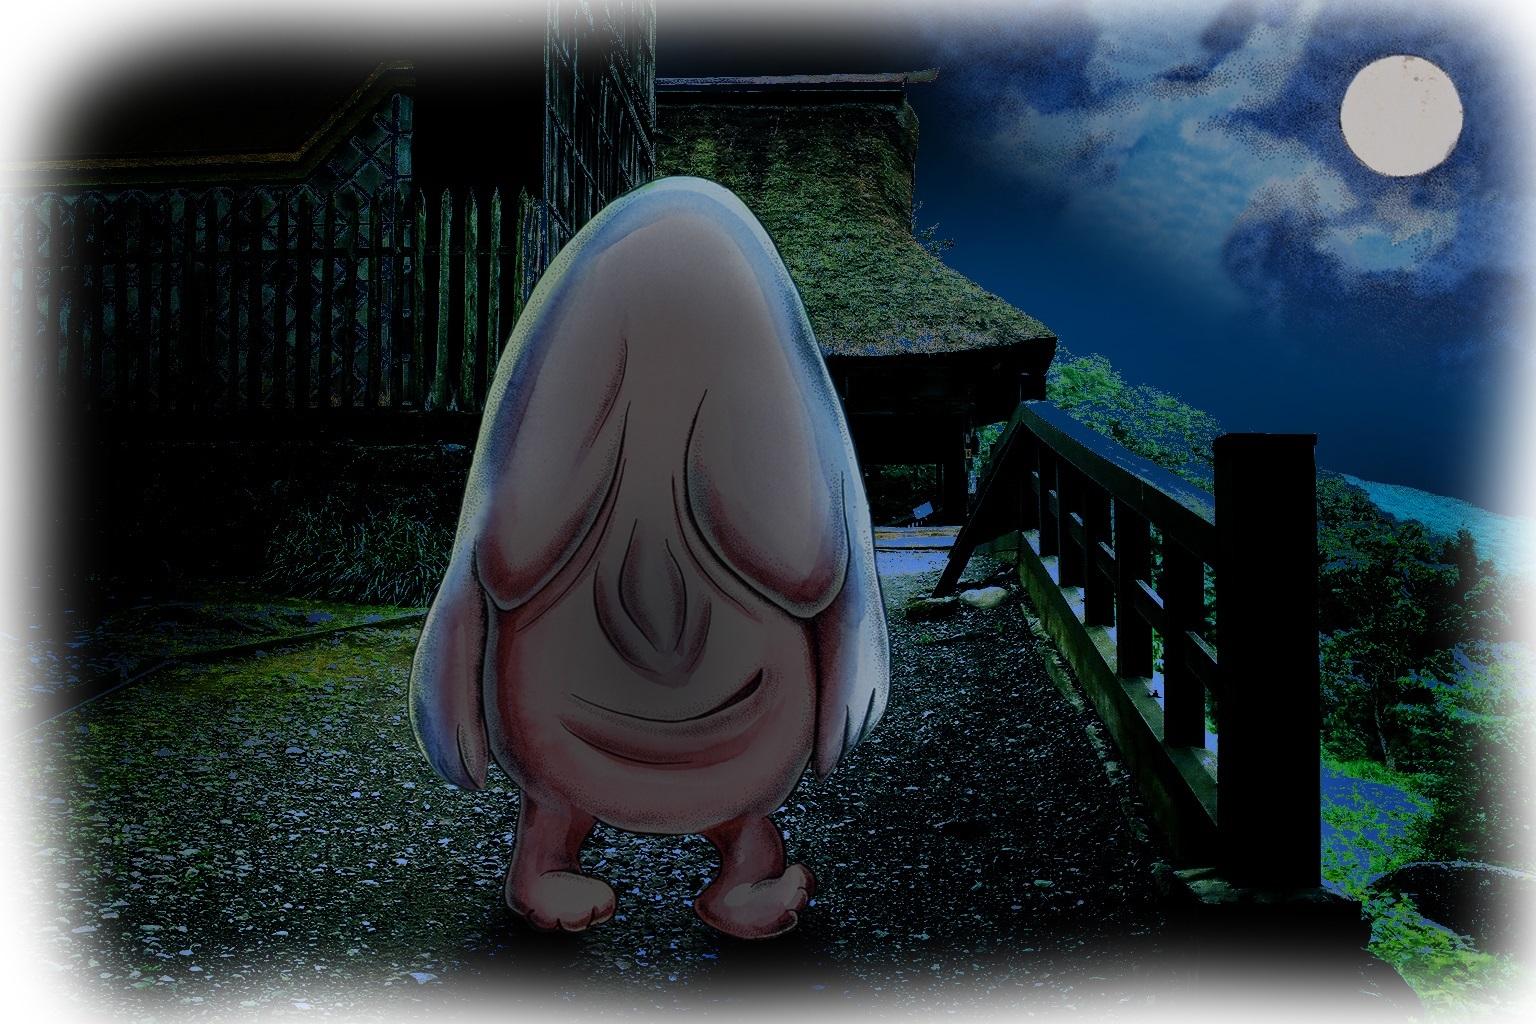 妖怪大迷宮イメージ (C)水木プロダクション